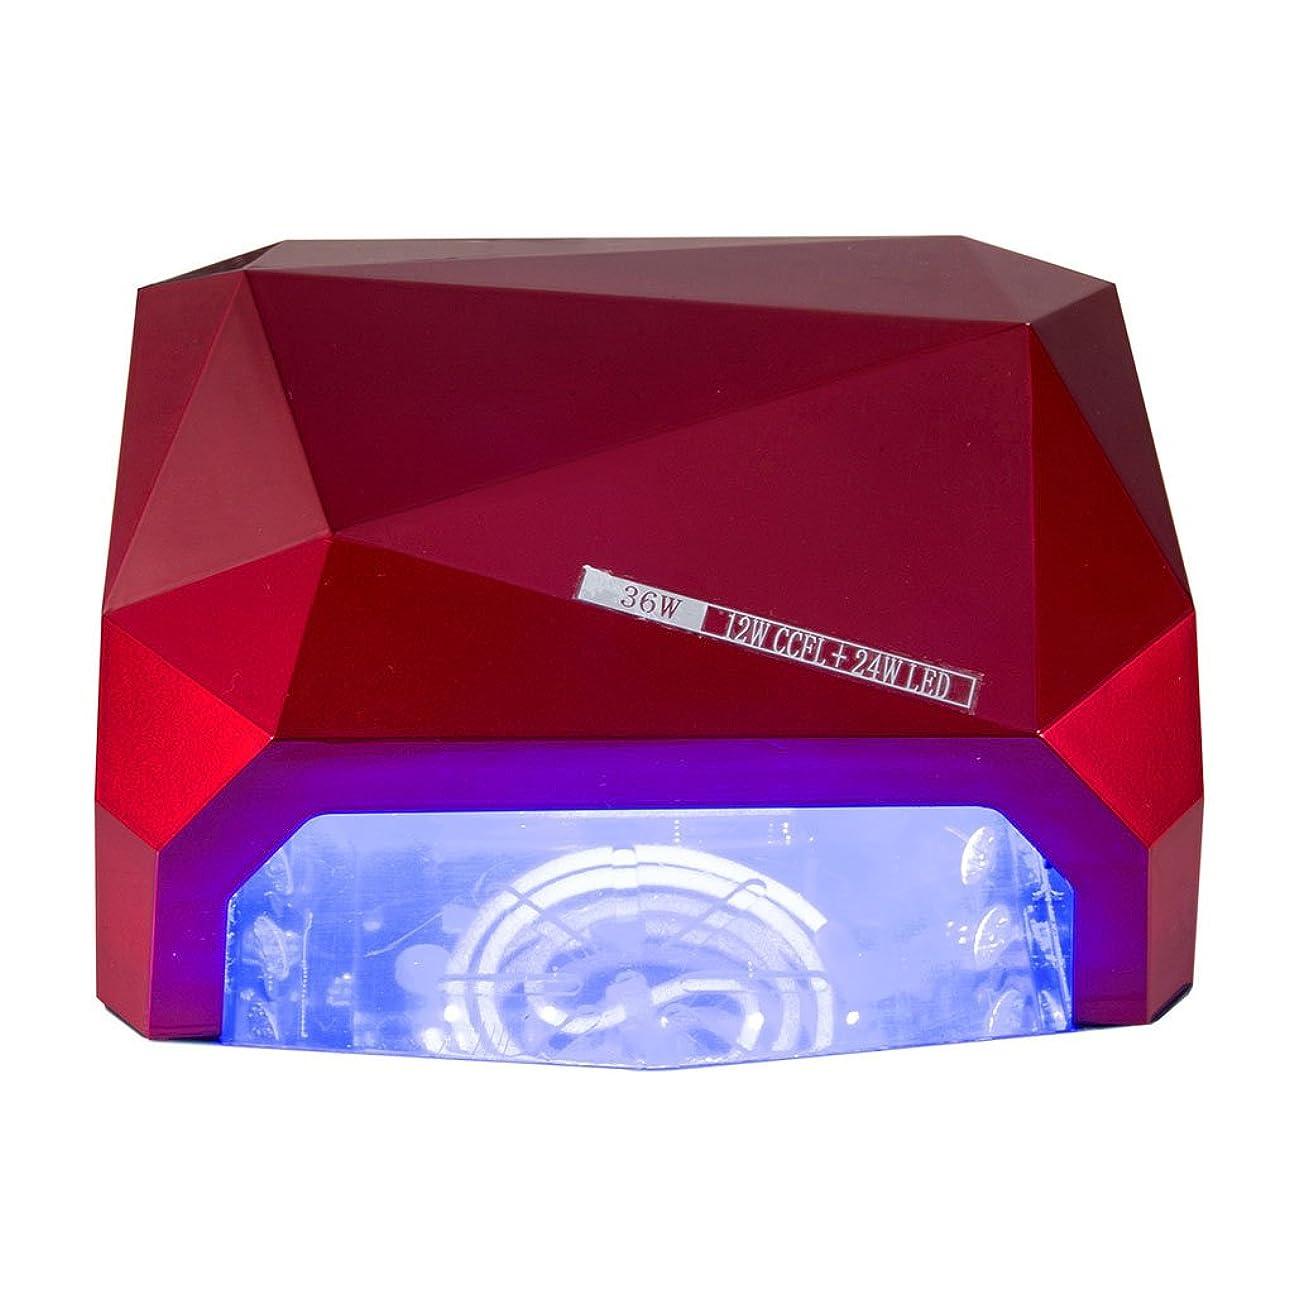 長方形顧問レオナルドダネイル光線療法機 ネイルドライヤー - 36Wネイルランプセンサーダイヤモンドネイルランプと磁気フロアランプ処理ランプLEDダイヤモンド光線治療装置ネイルランプ